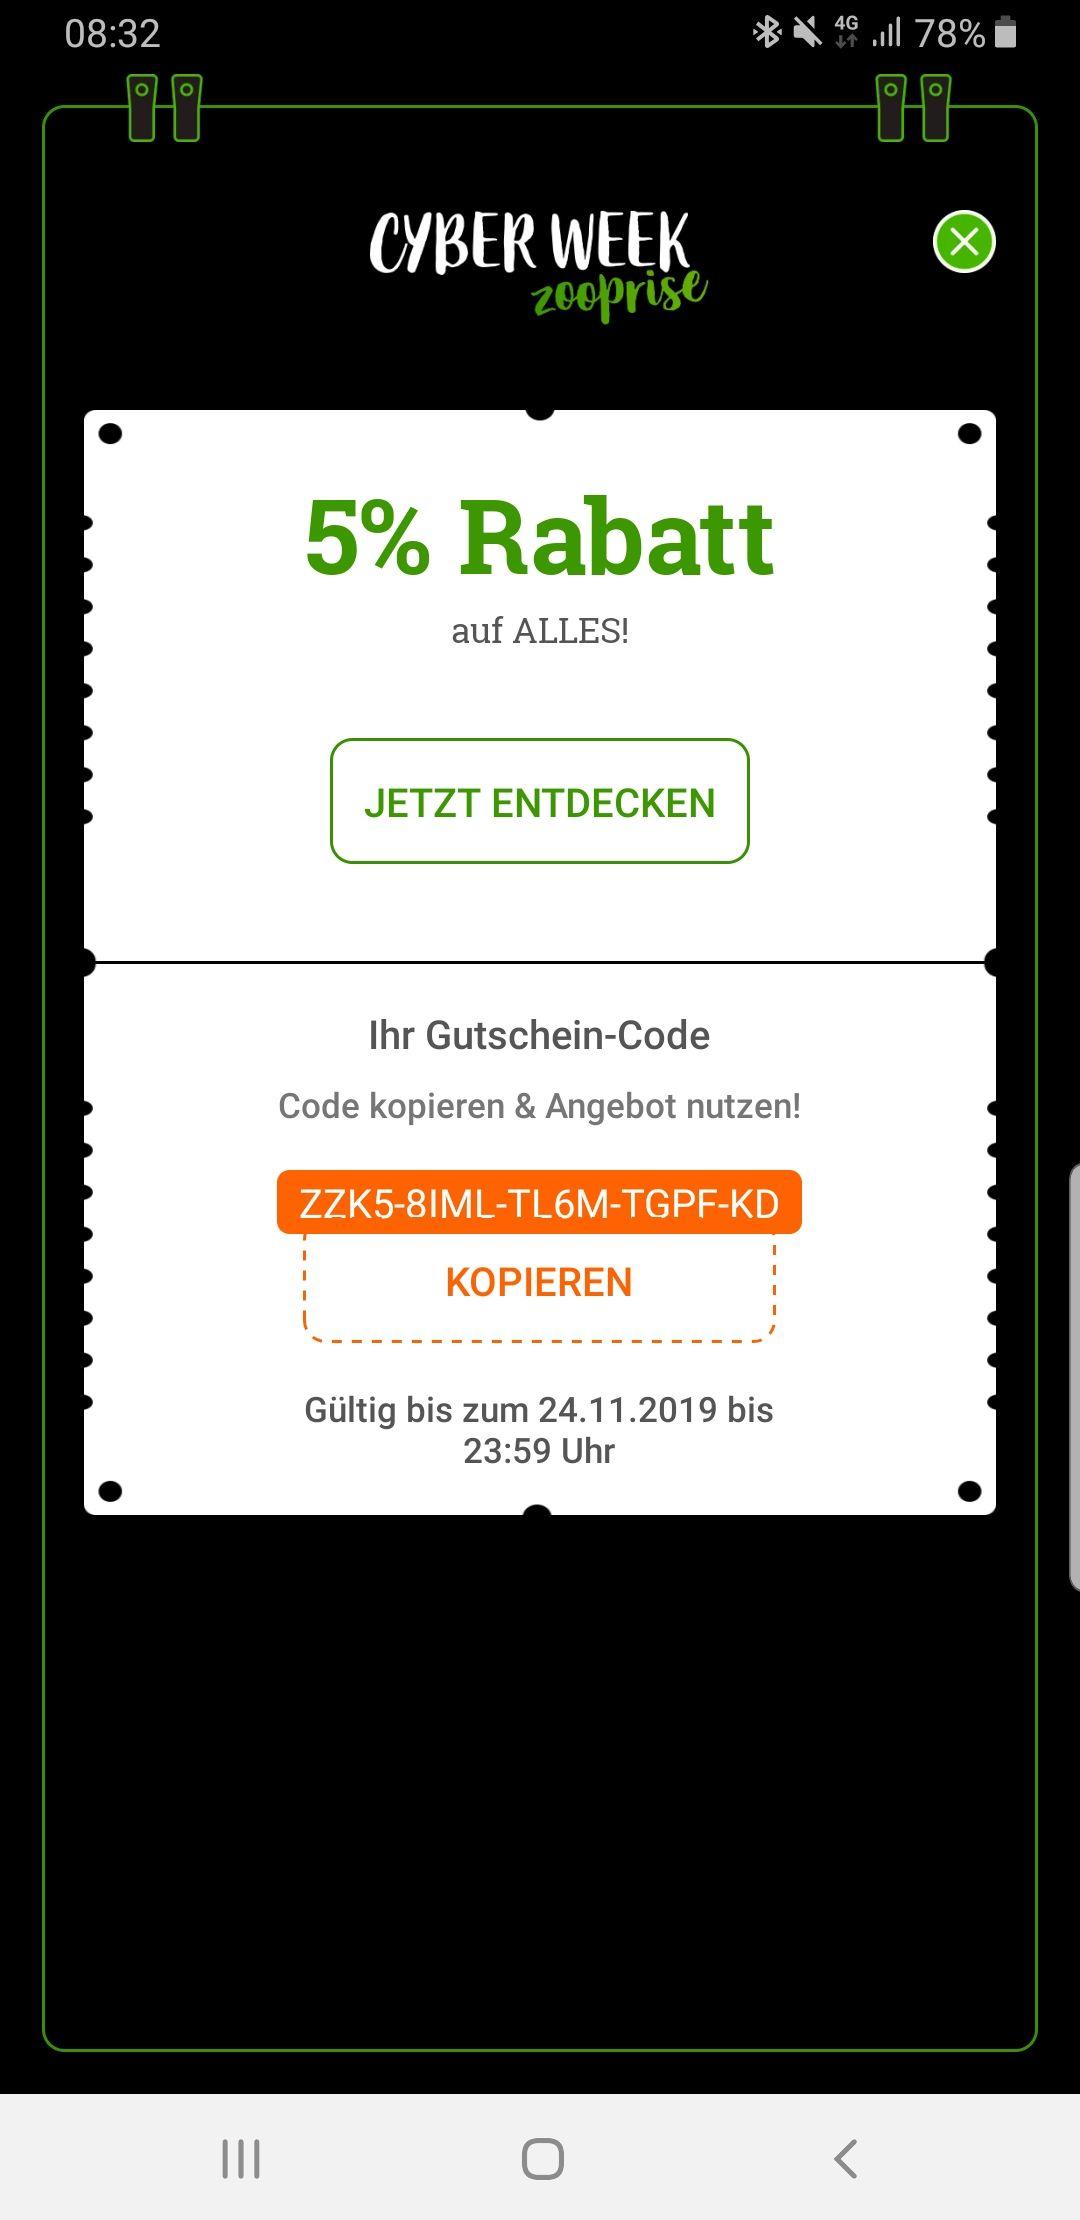 Zooplus 5% Rabatt mit der App cyberweek